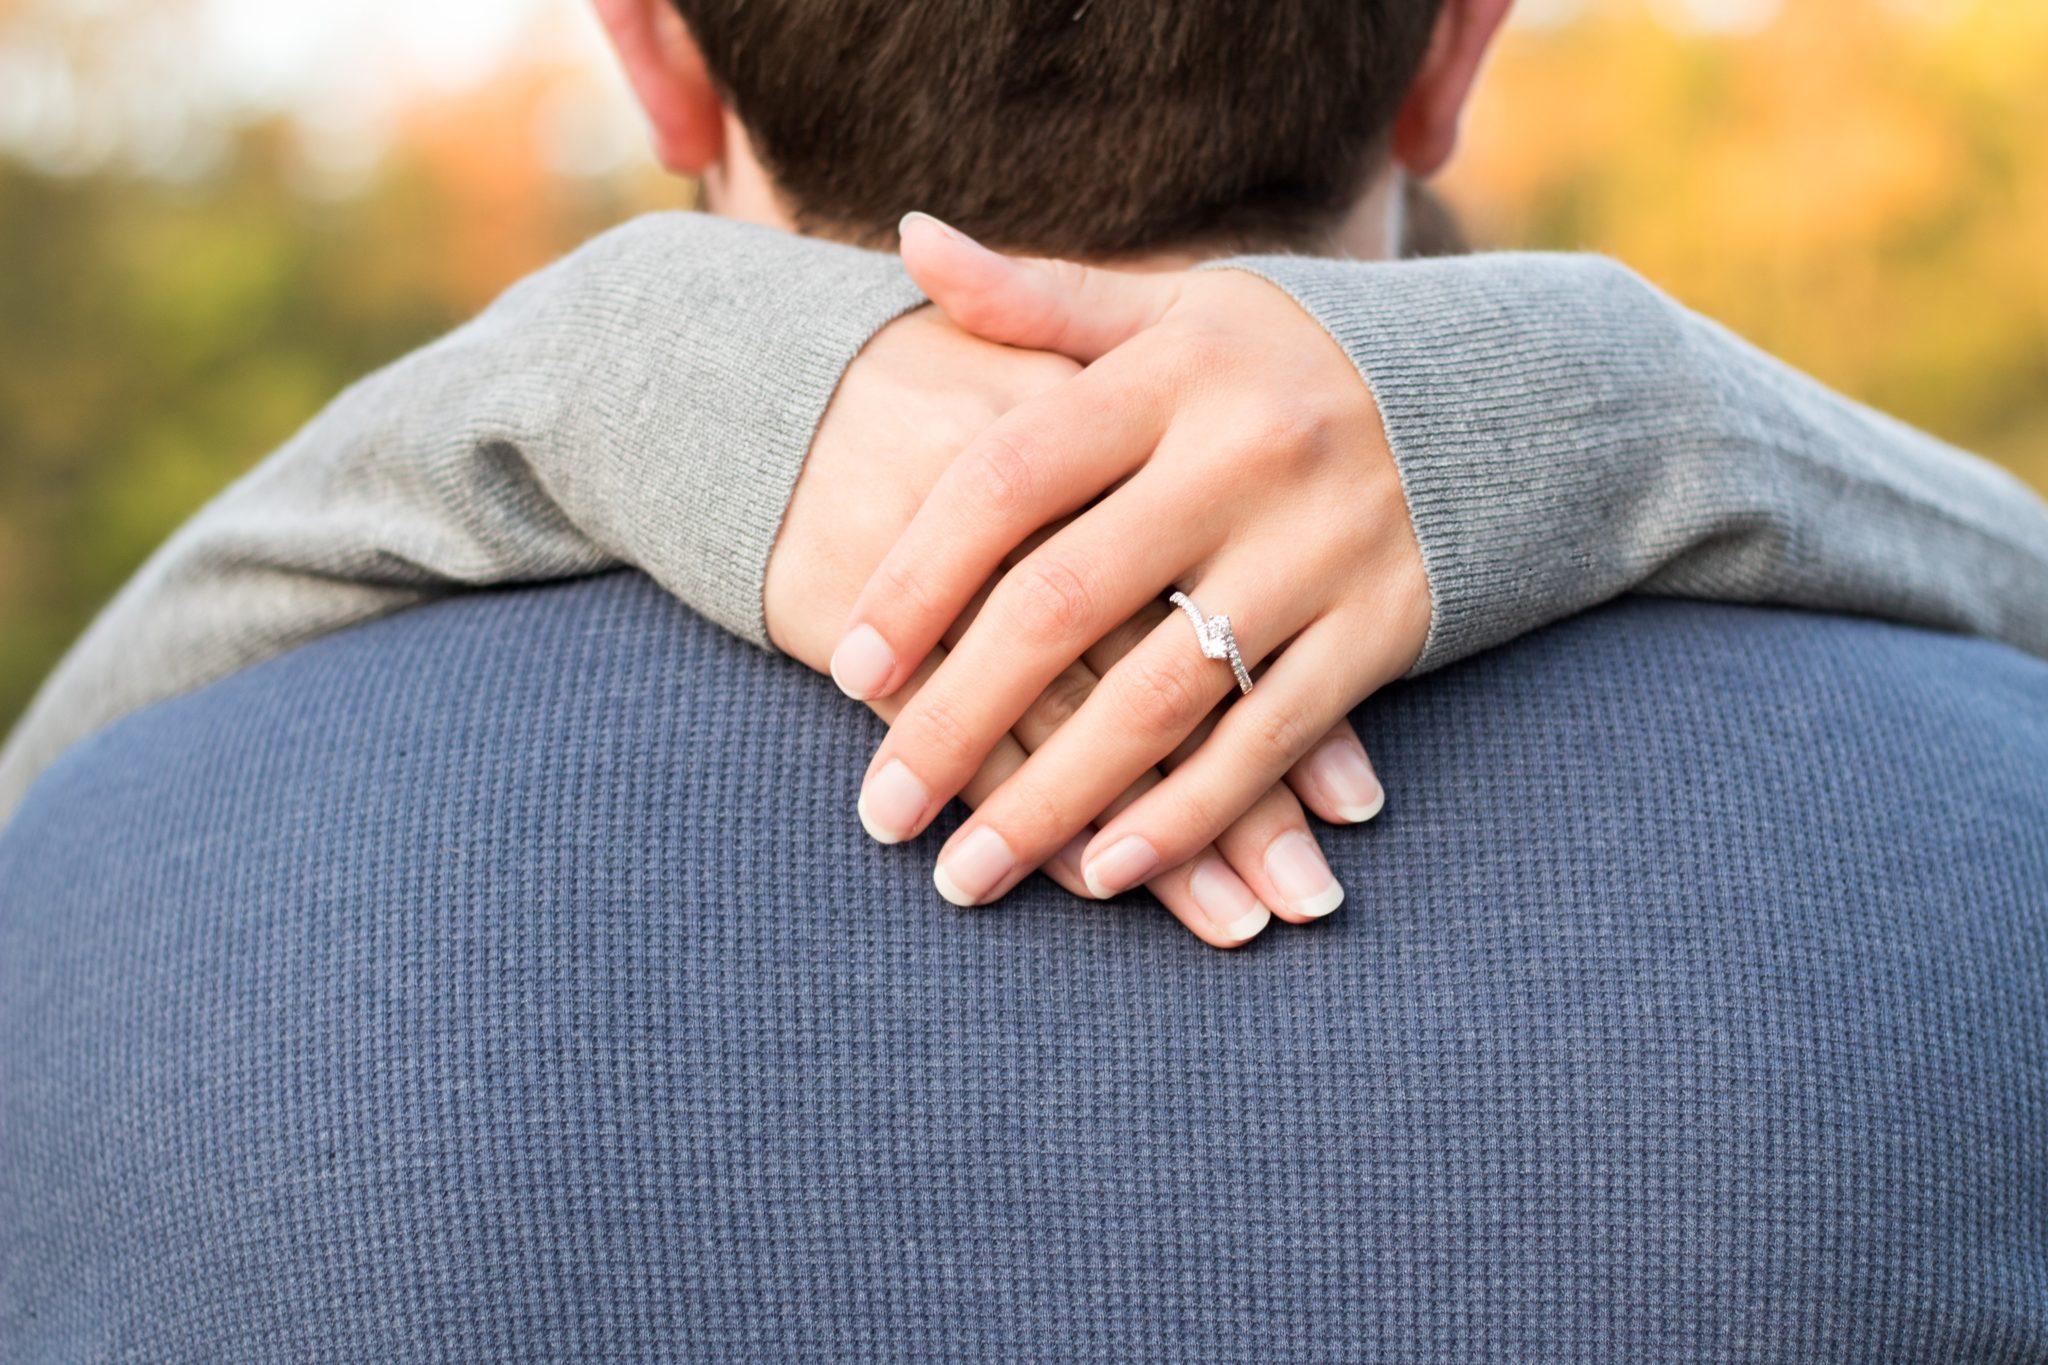 Что нужно сделать, чтобы мужчина не потерял к тебе интерес? Советы астрологов